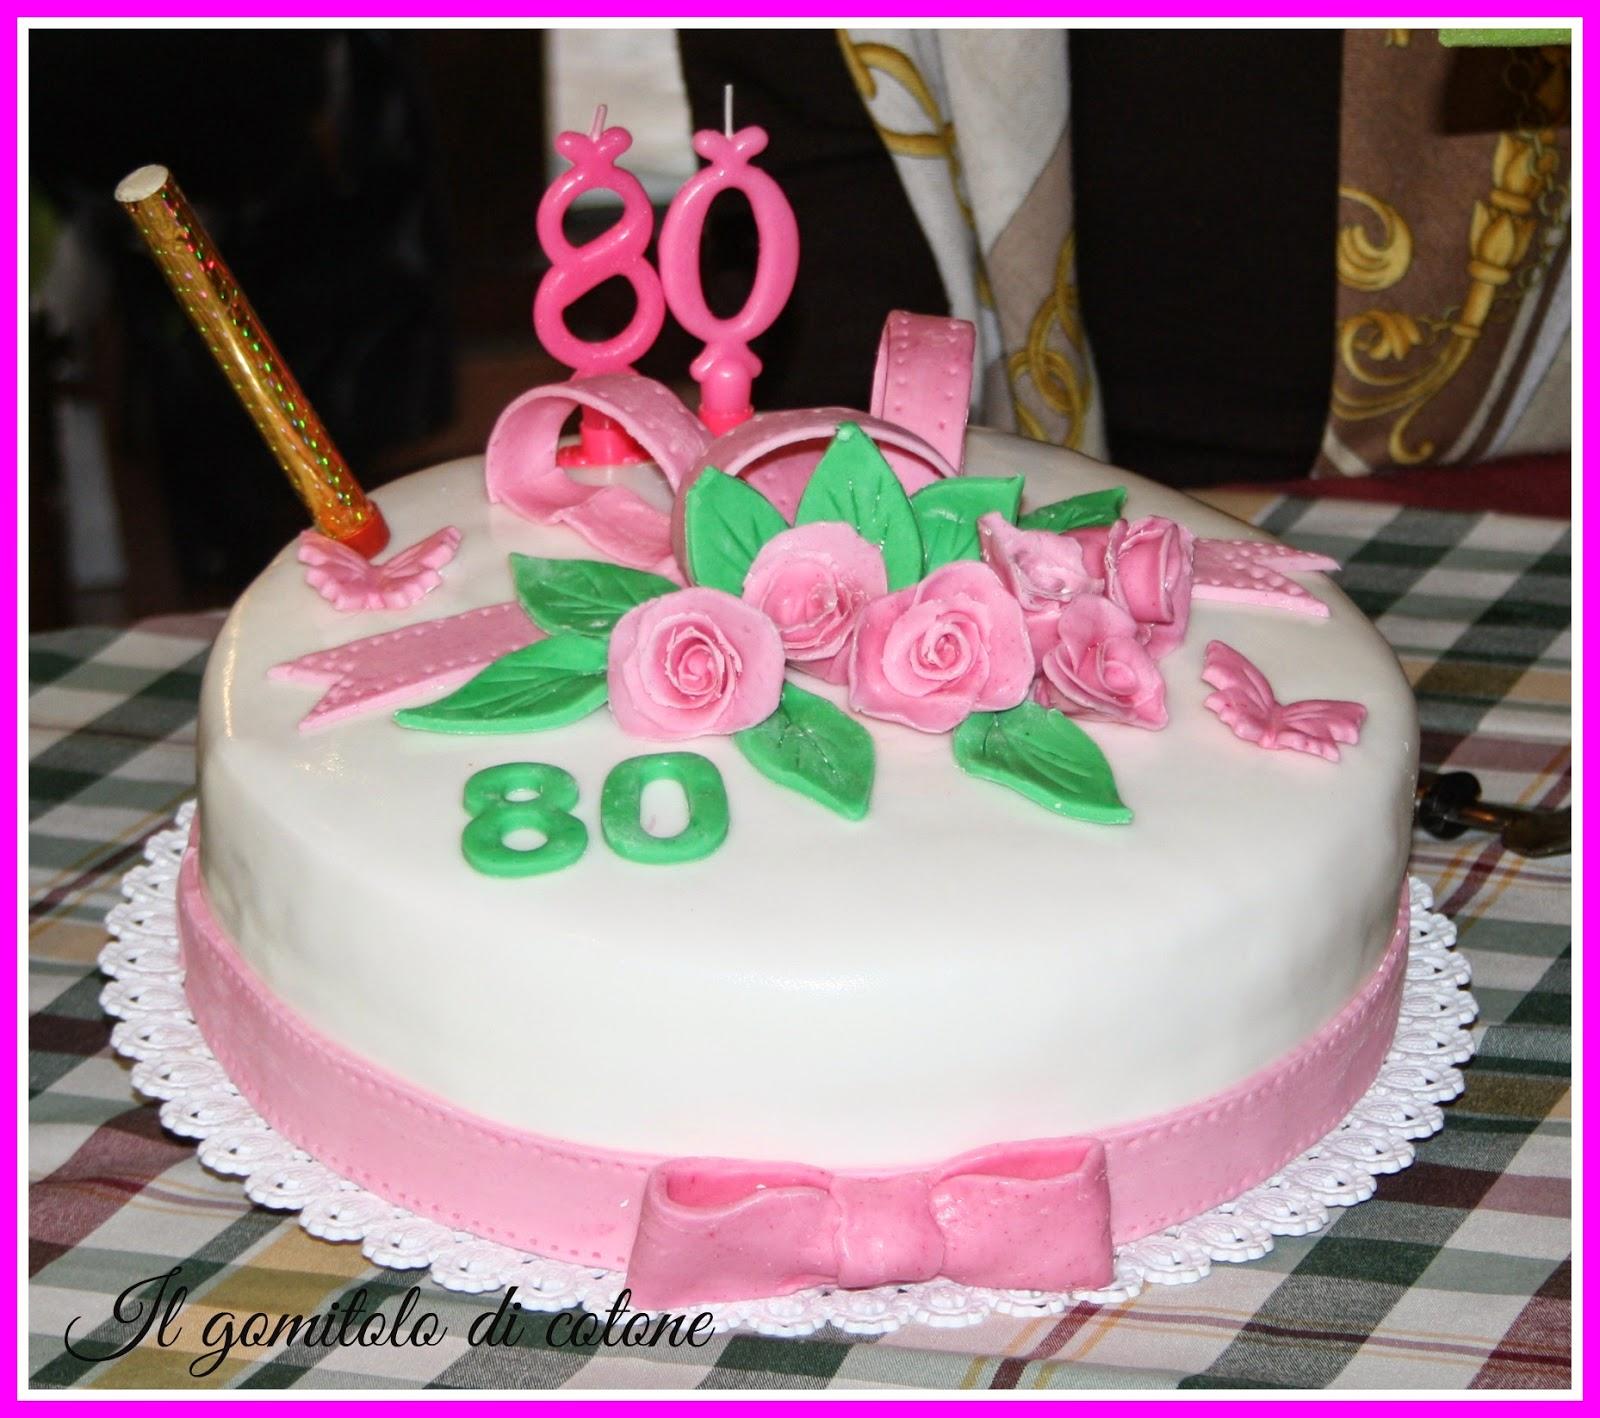 Conosciuto Il gomitolo di cotone: Bomboniere 80° compleanno e torte! EM11